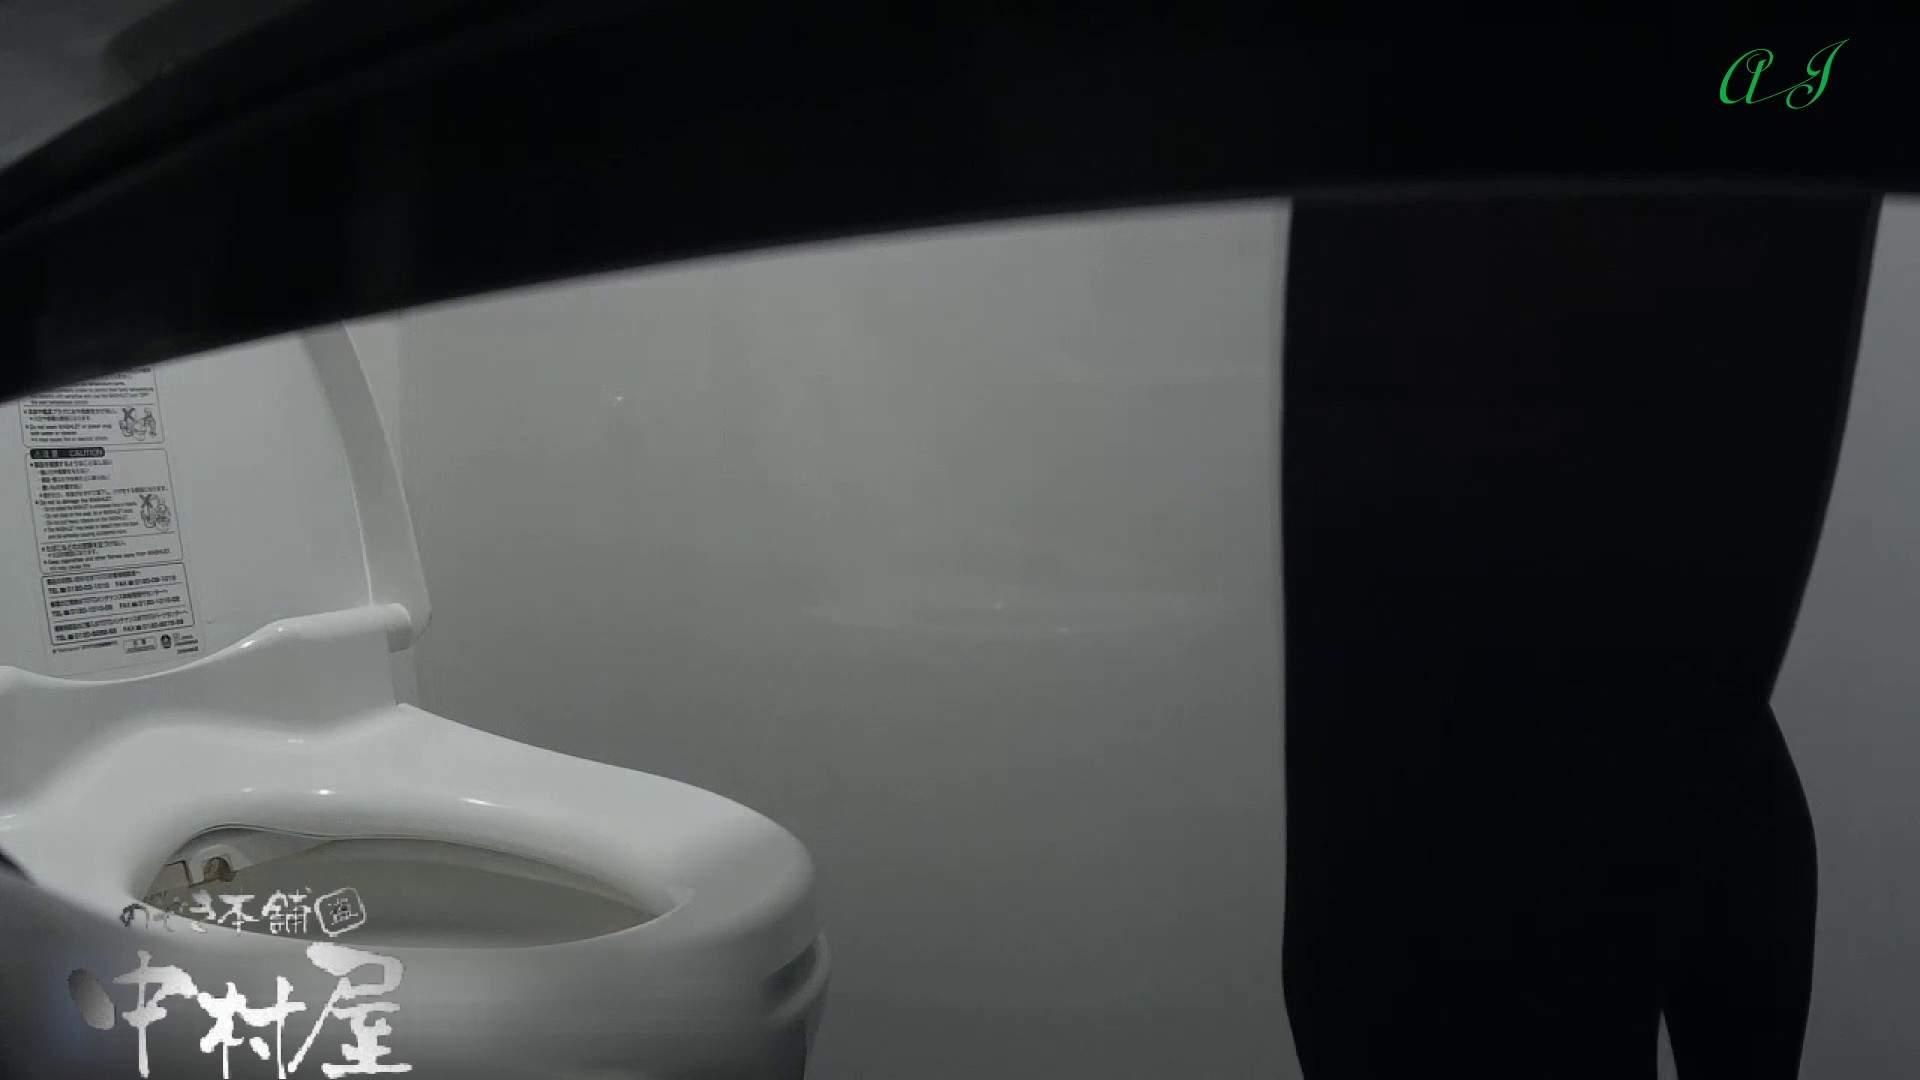 新アングル 4名の美女達 有名大学女性洗面所 vol.76後編 洗面所 覗きワレメ動画紹介 68PICs 23